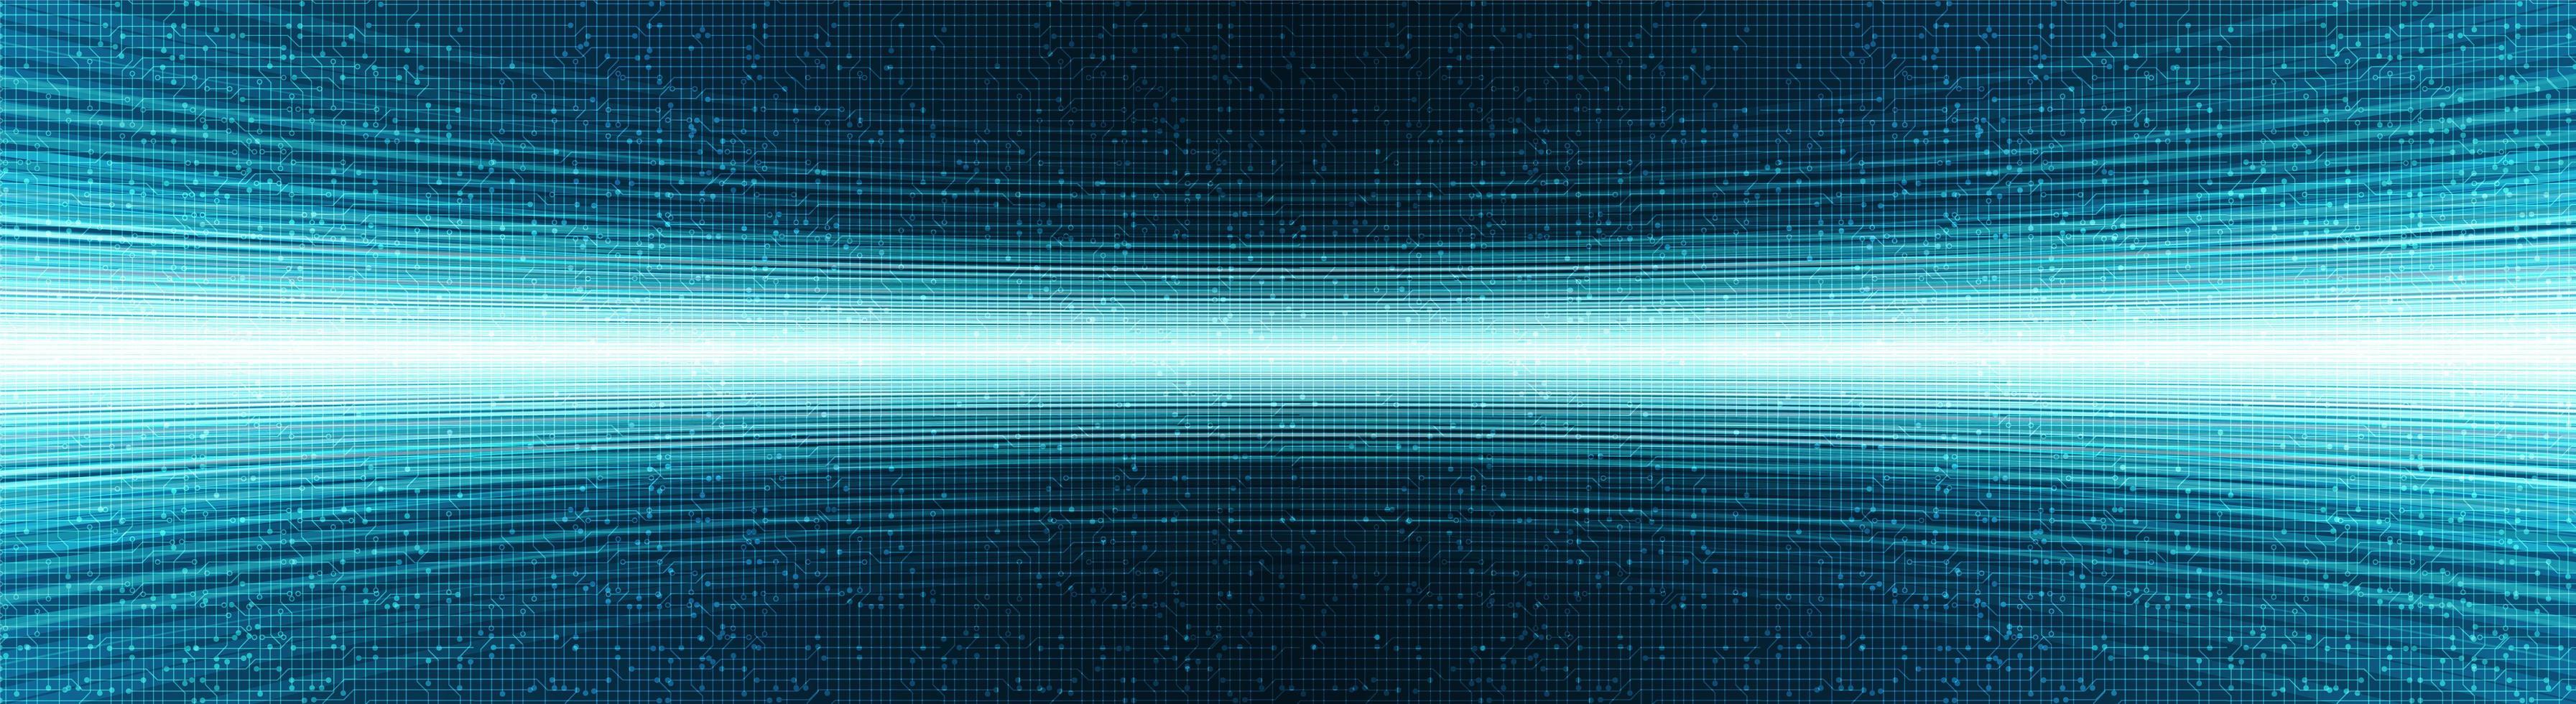 panorama blauw licht technische achtergrond, digitaal en internet conceptontwerp, vectorillustratie. vector